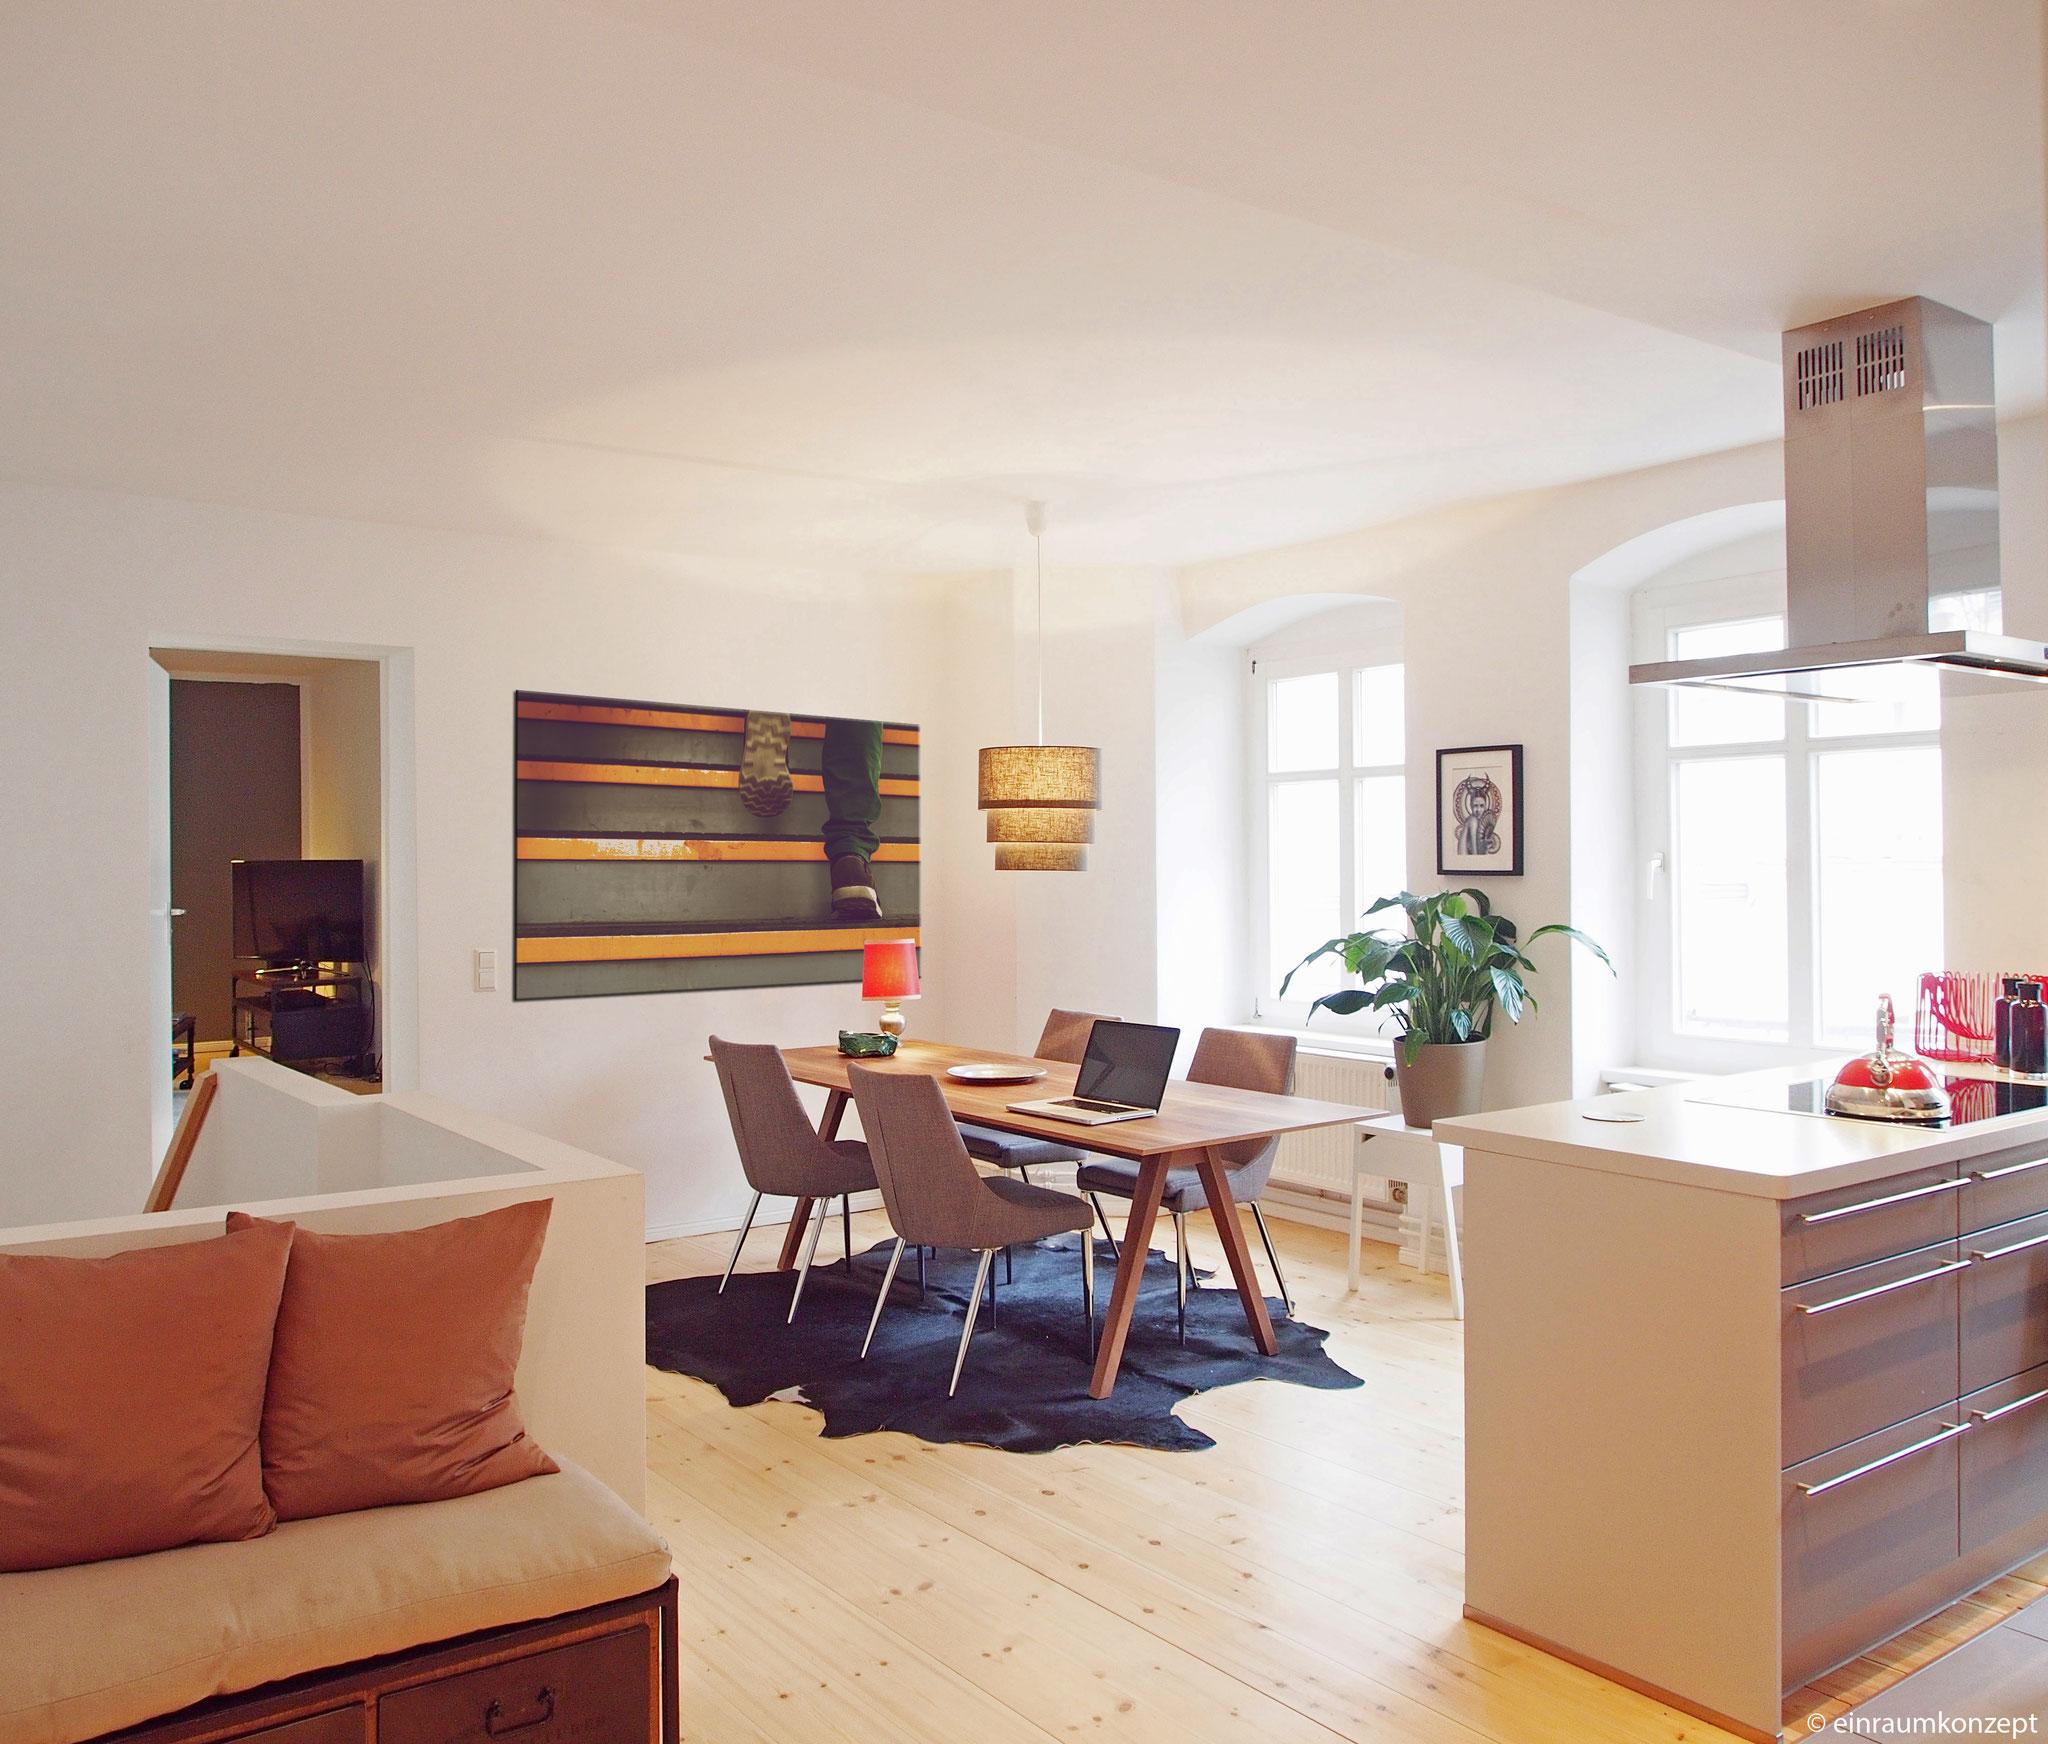 Interior Design Berlin - JETZT BERATEN LASSEN